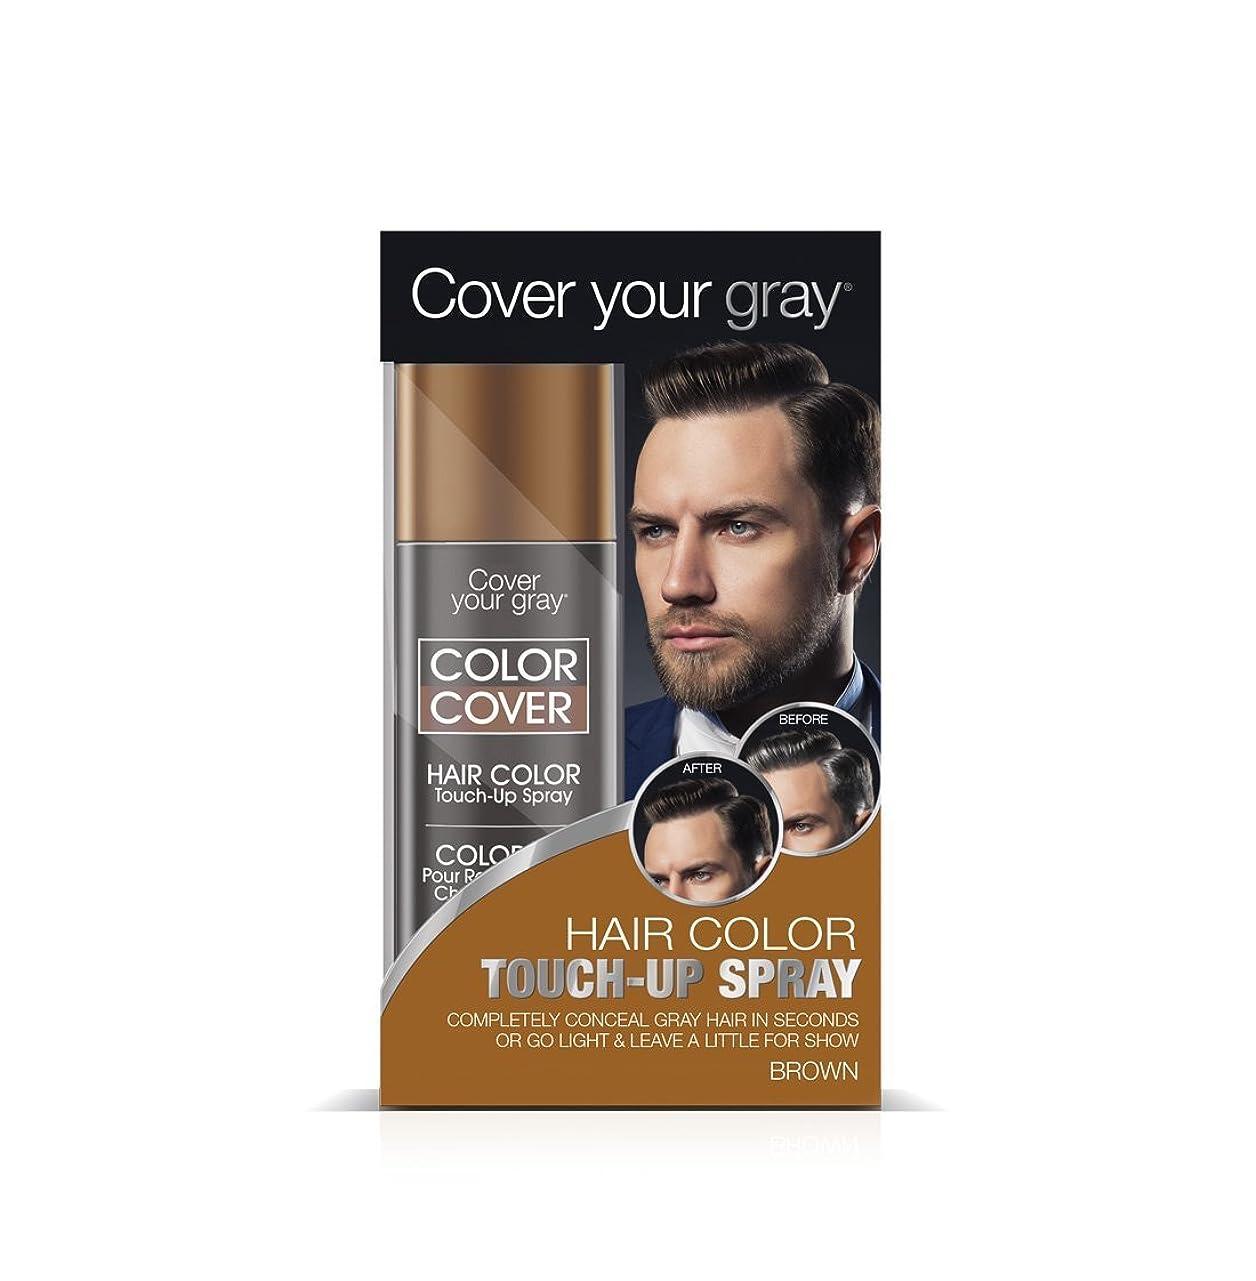 注入する相互接続良心Cover Your Gray メンズカラーカバータッチアップスプレー - ブラウン(6パック)